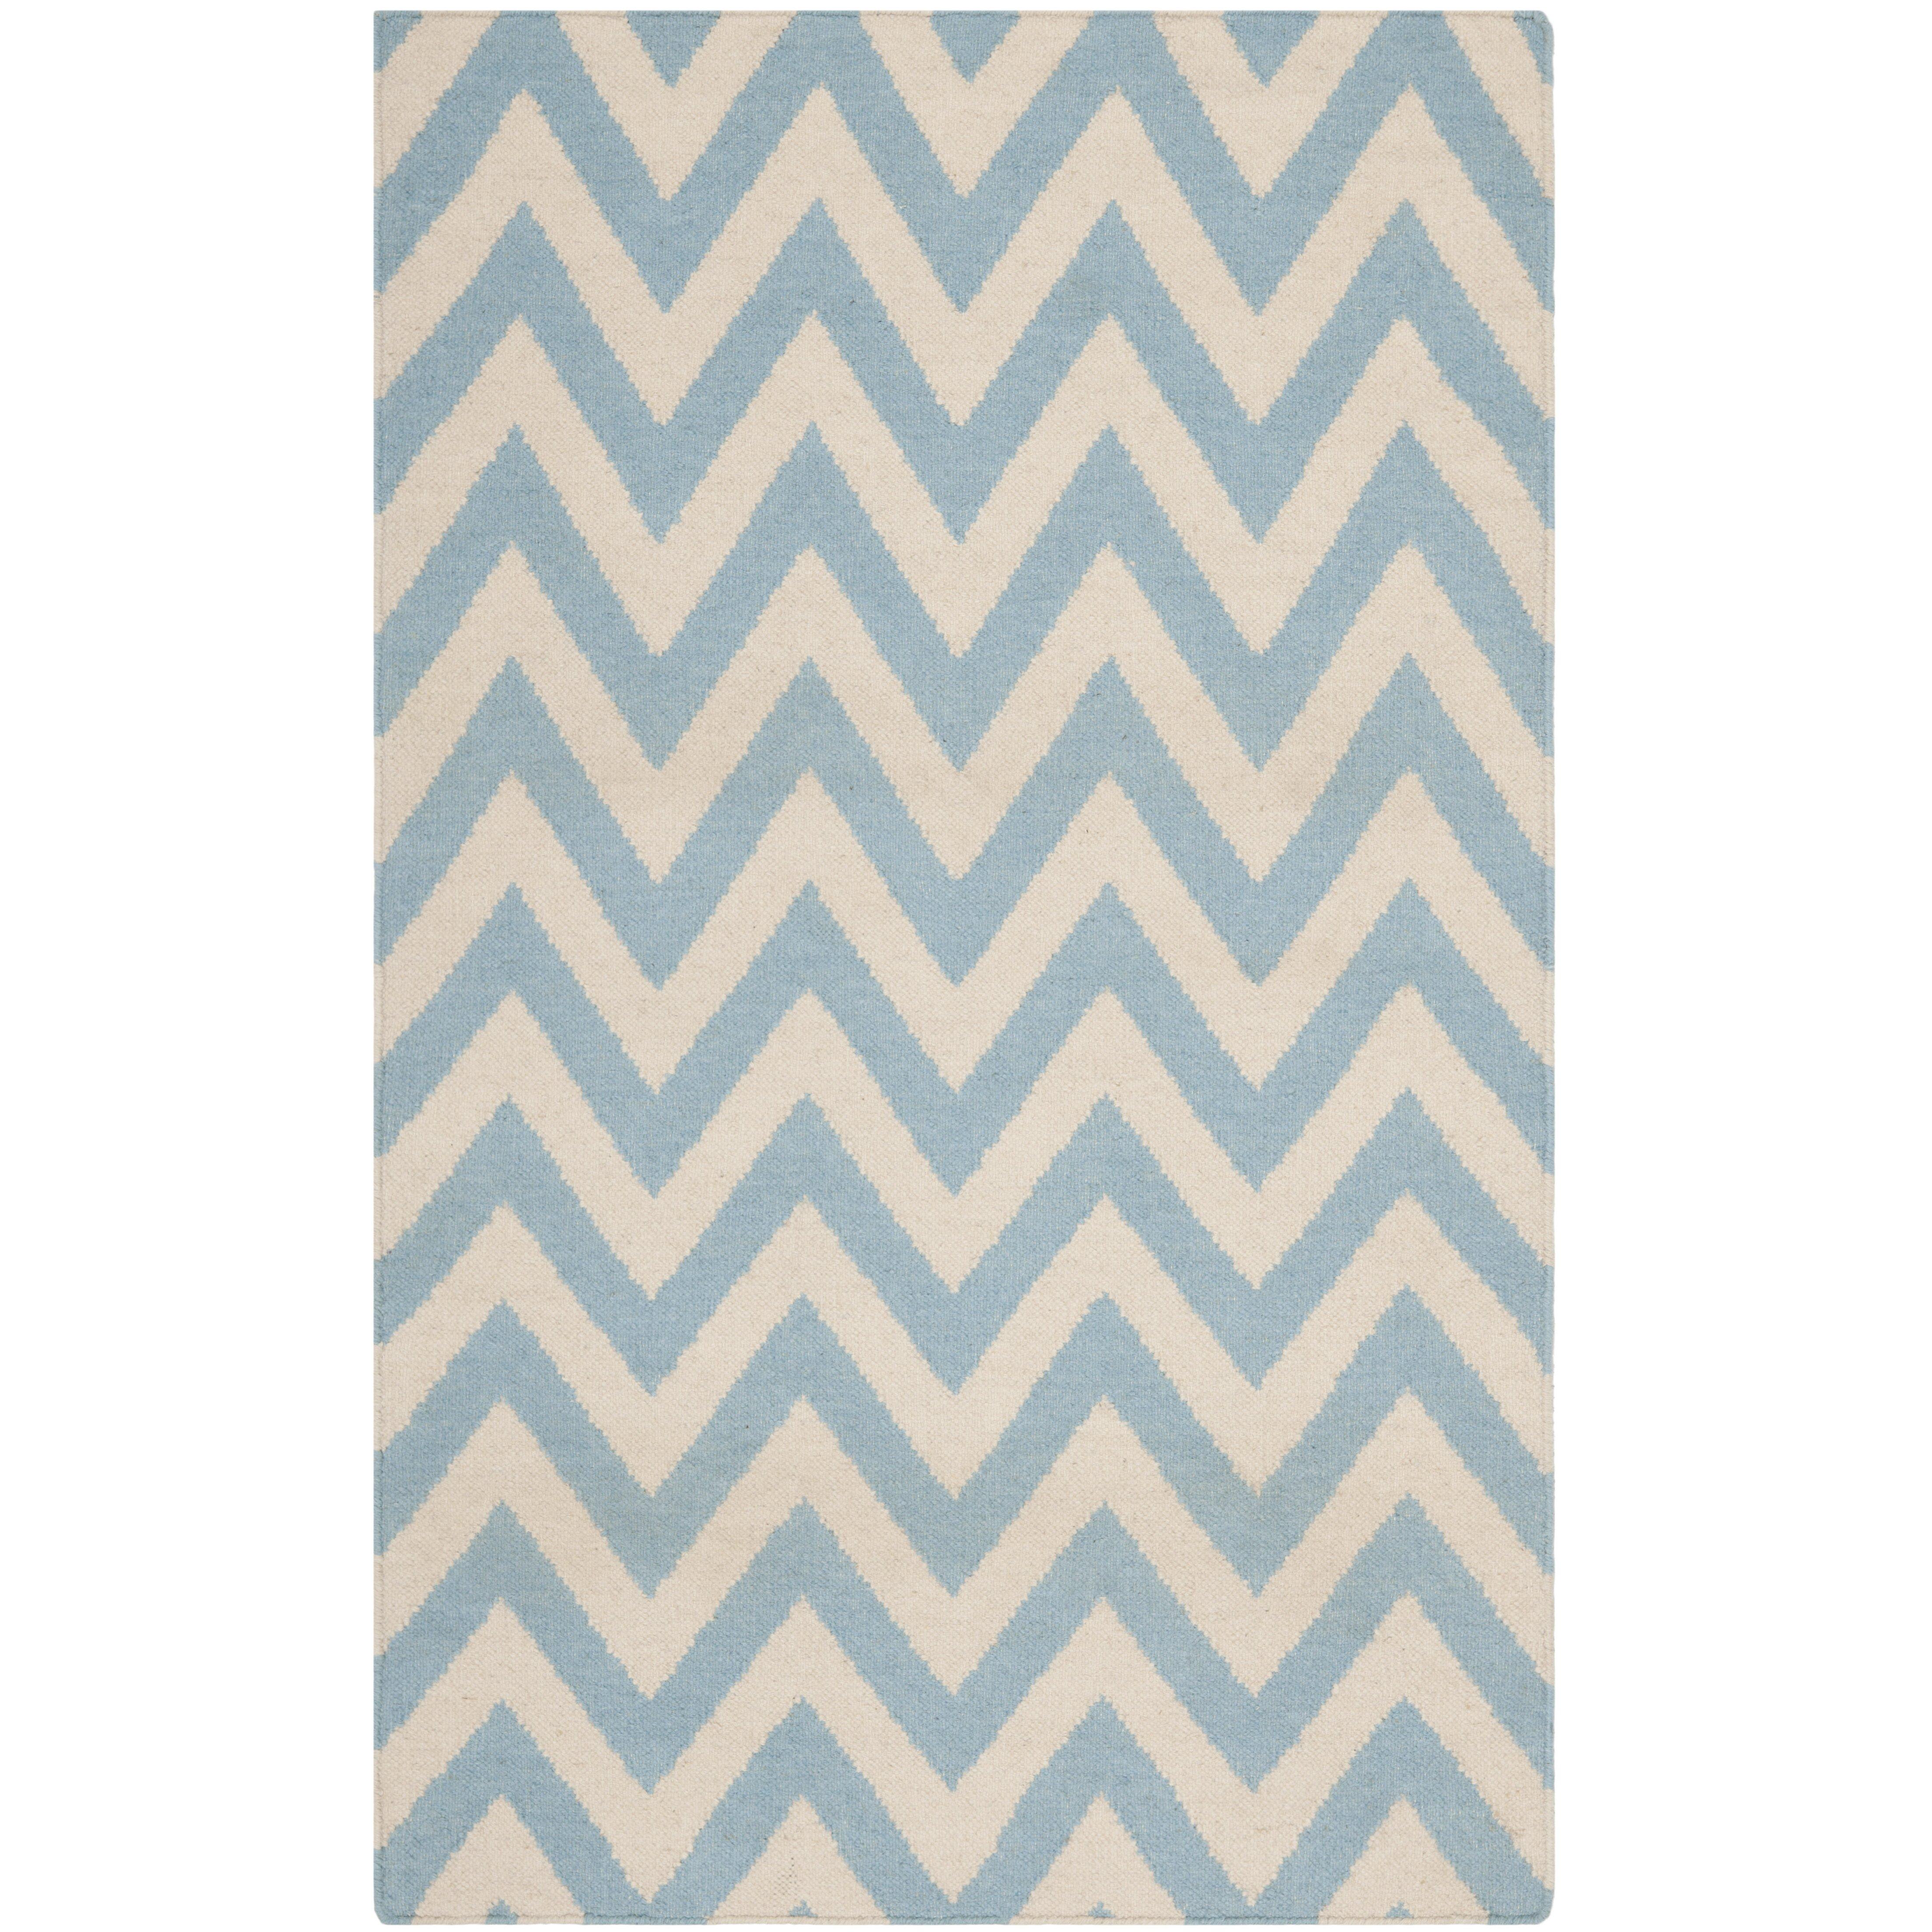 Safavieh Handgewebter Teppich Dhurrie in BlauElfenbein